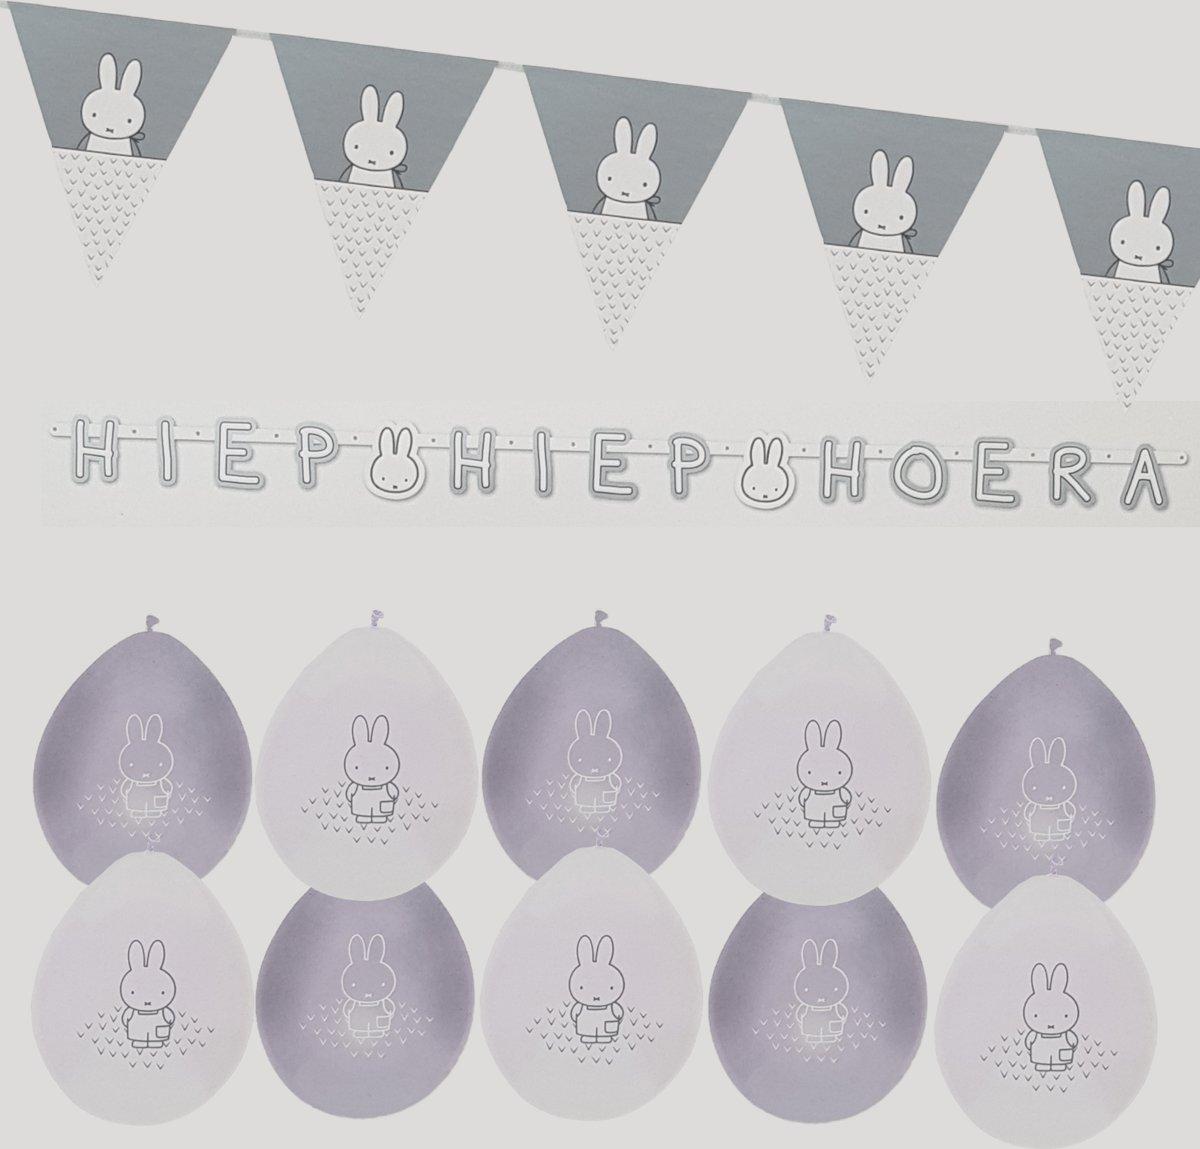 Nijntje Feestpakket Babyshower baby shower letterslinger vlaggenlijn ballonnen unisex zilver grijs jongen meisje